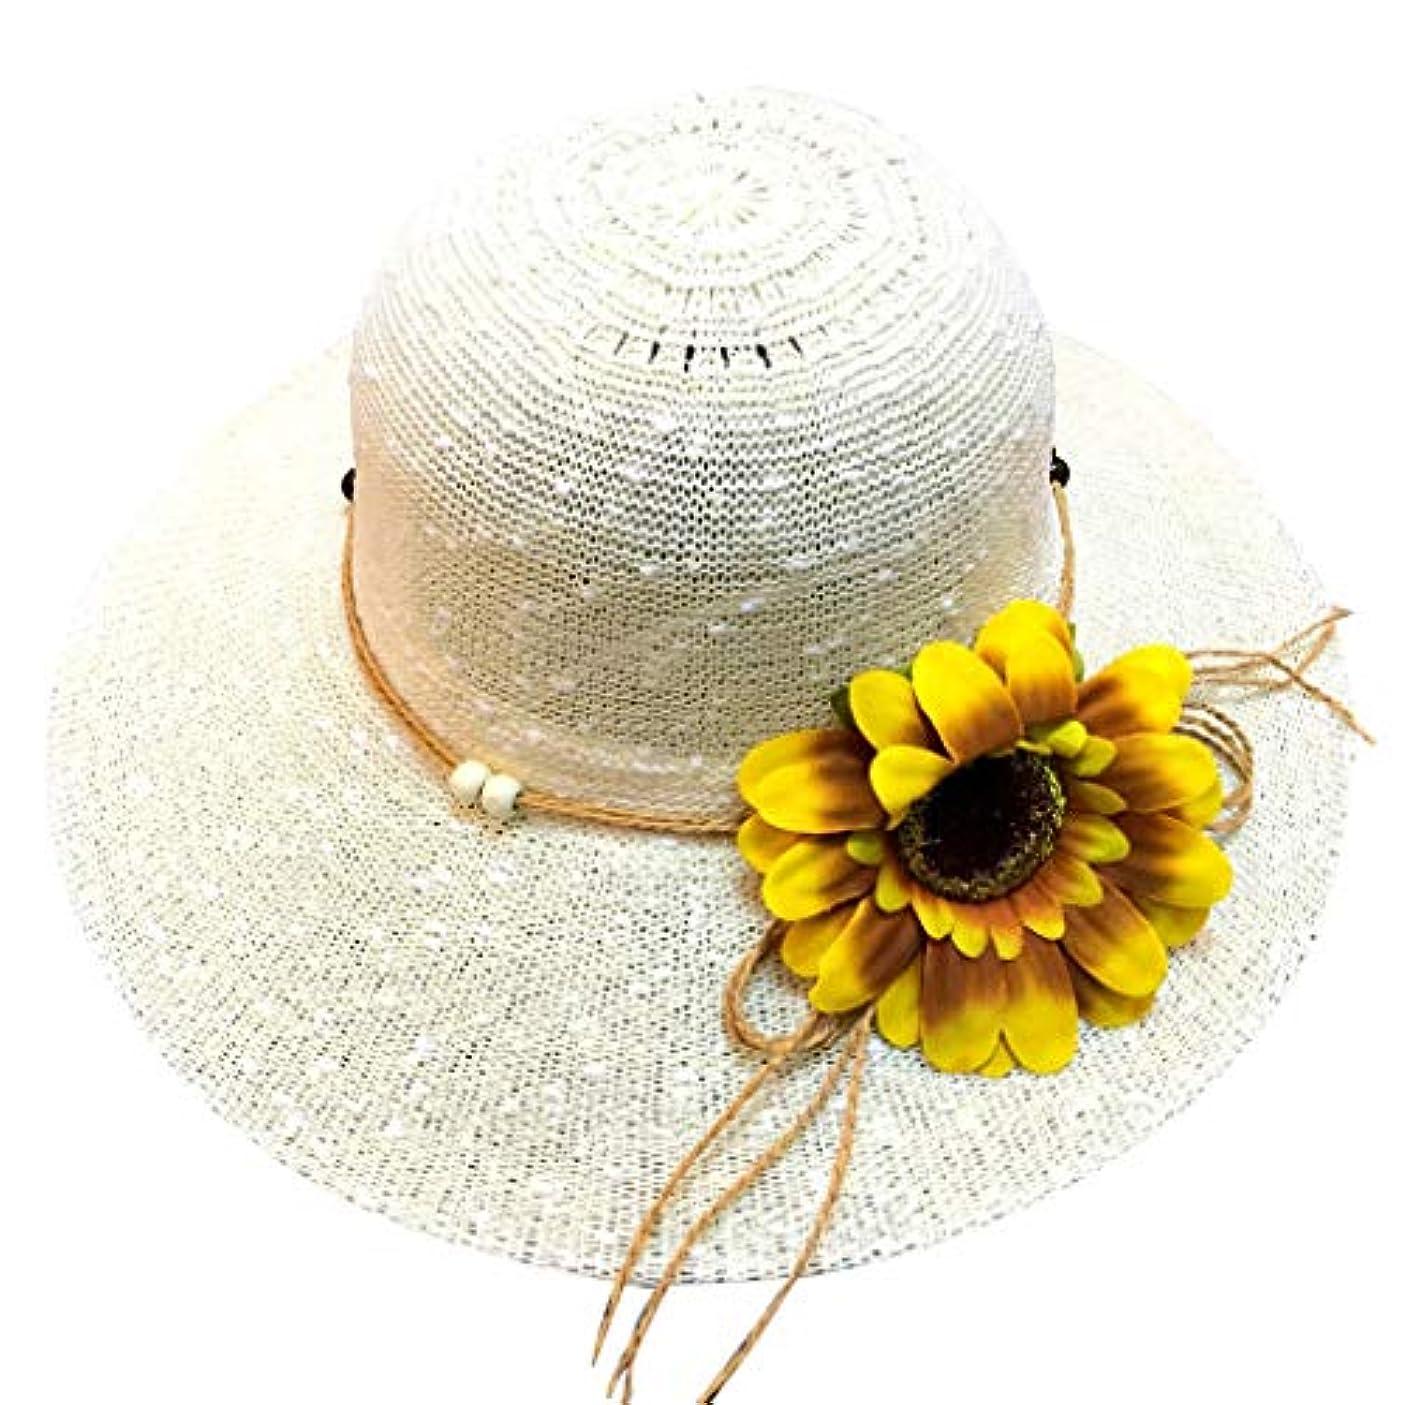 ちなみに加速度フルート帽子 レディース アウトドア 夏 春 UVカット 帽子 ハット 漁師帽 日焼け防止 つば広 紫外線対策 大きいサイズ ひまわり 可愛い ハット 旅行用 日よけ 夏季 ビーチ 無地 ハット レディース 女性 ROSE ROMAN